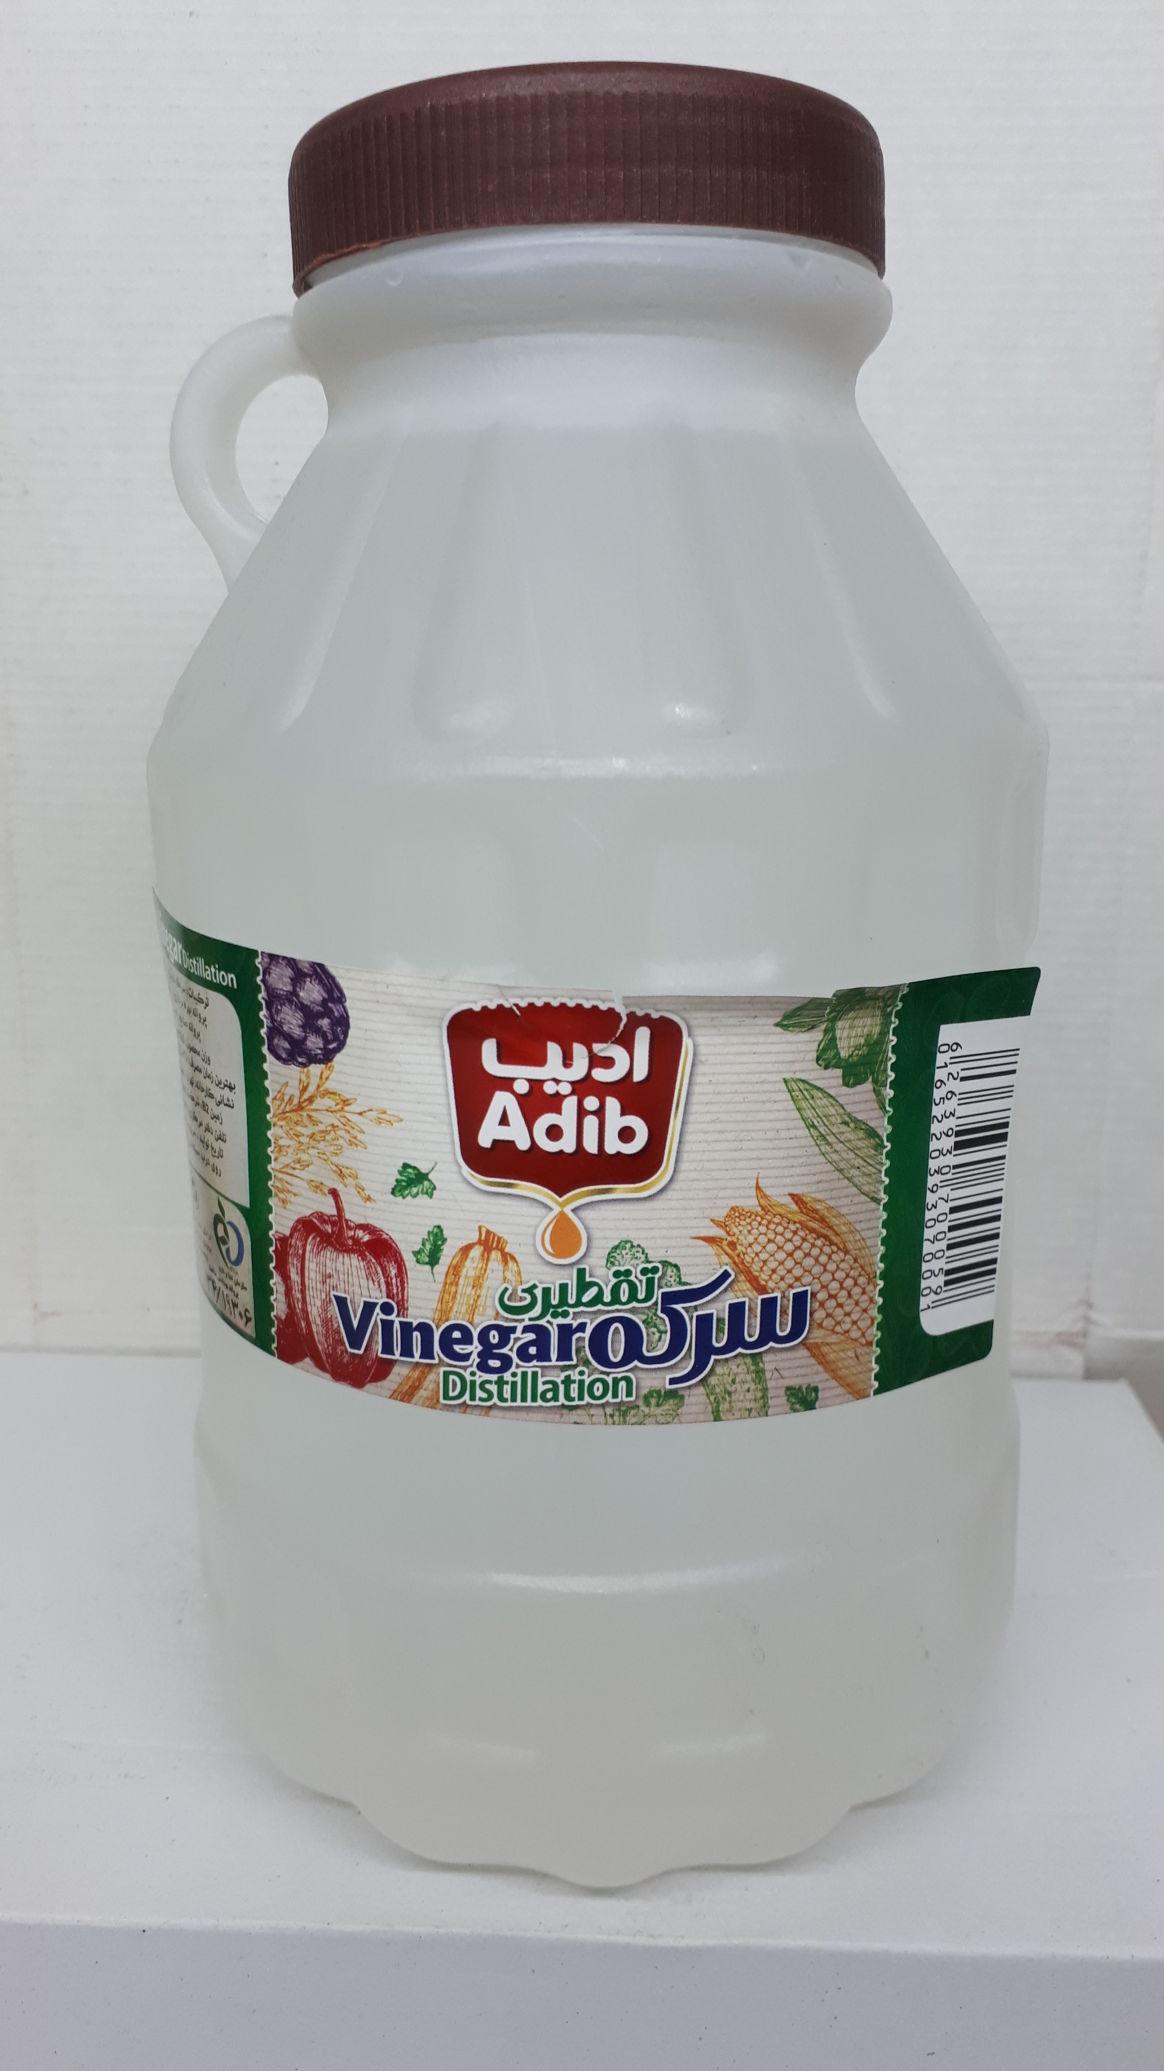 سرکه سفید ادیب 3 لیتری،عمده فروشی مواد غذایی،پخش مواد غذایی و بهداشتی،خرید مواد غذایی به قیمت کارخانه، سوپر مارکت آنلاین